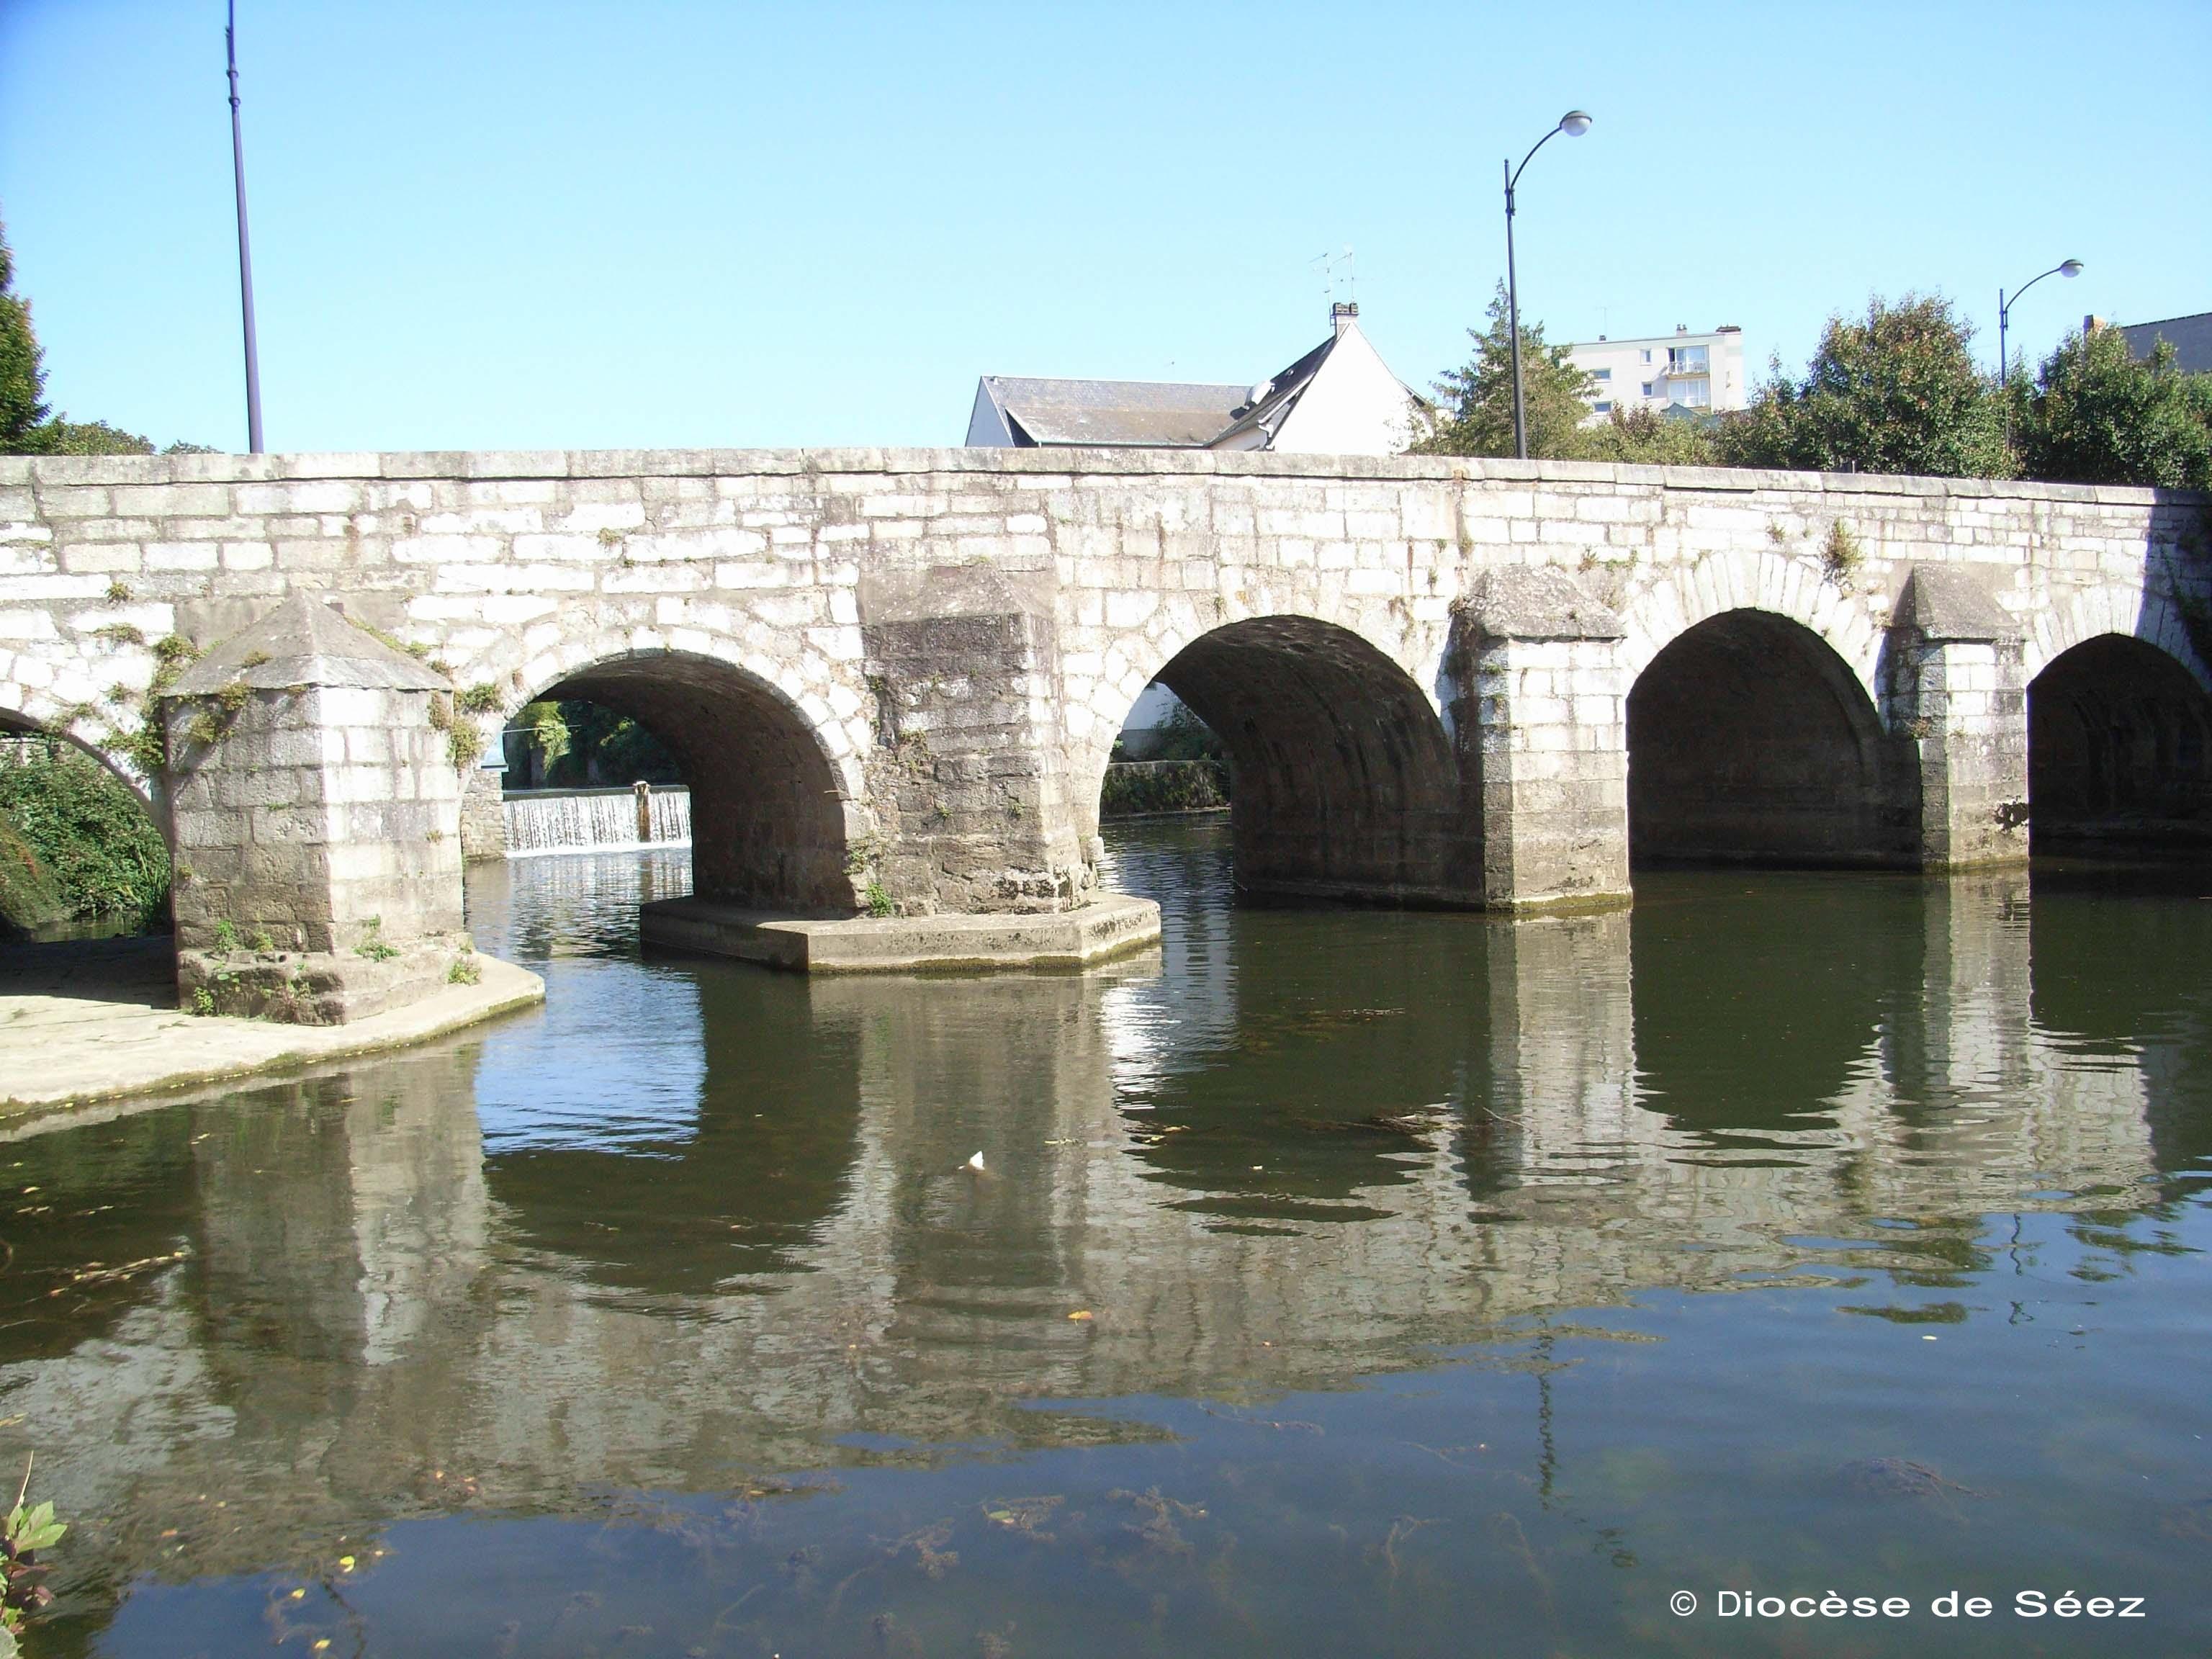 Alençon (France), pont de la rencontre de Zélie et Louis Martin, courtoisie du diocèse de Séez